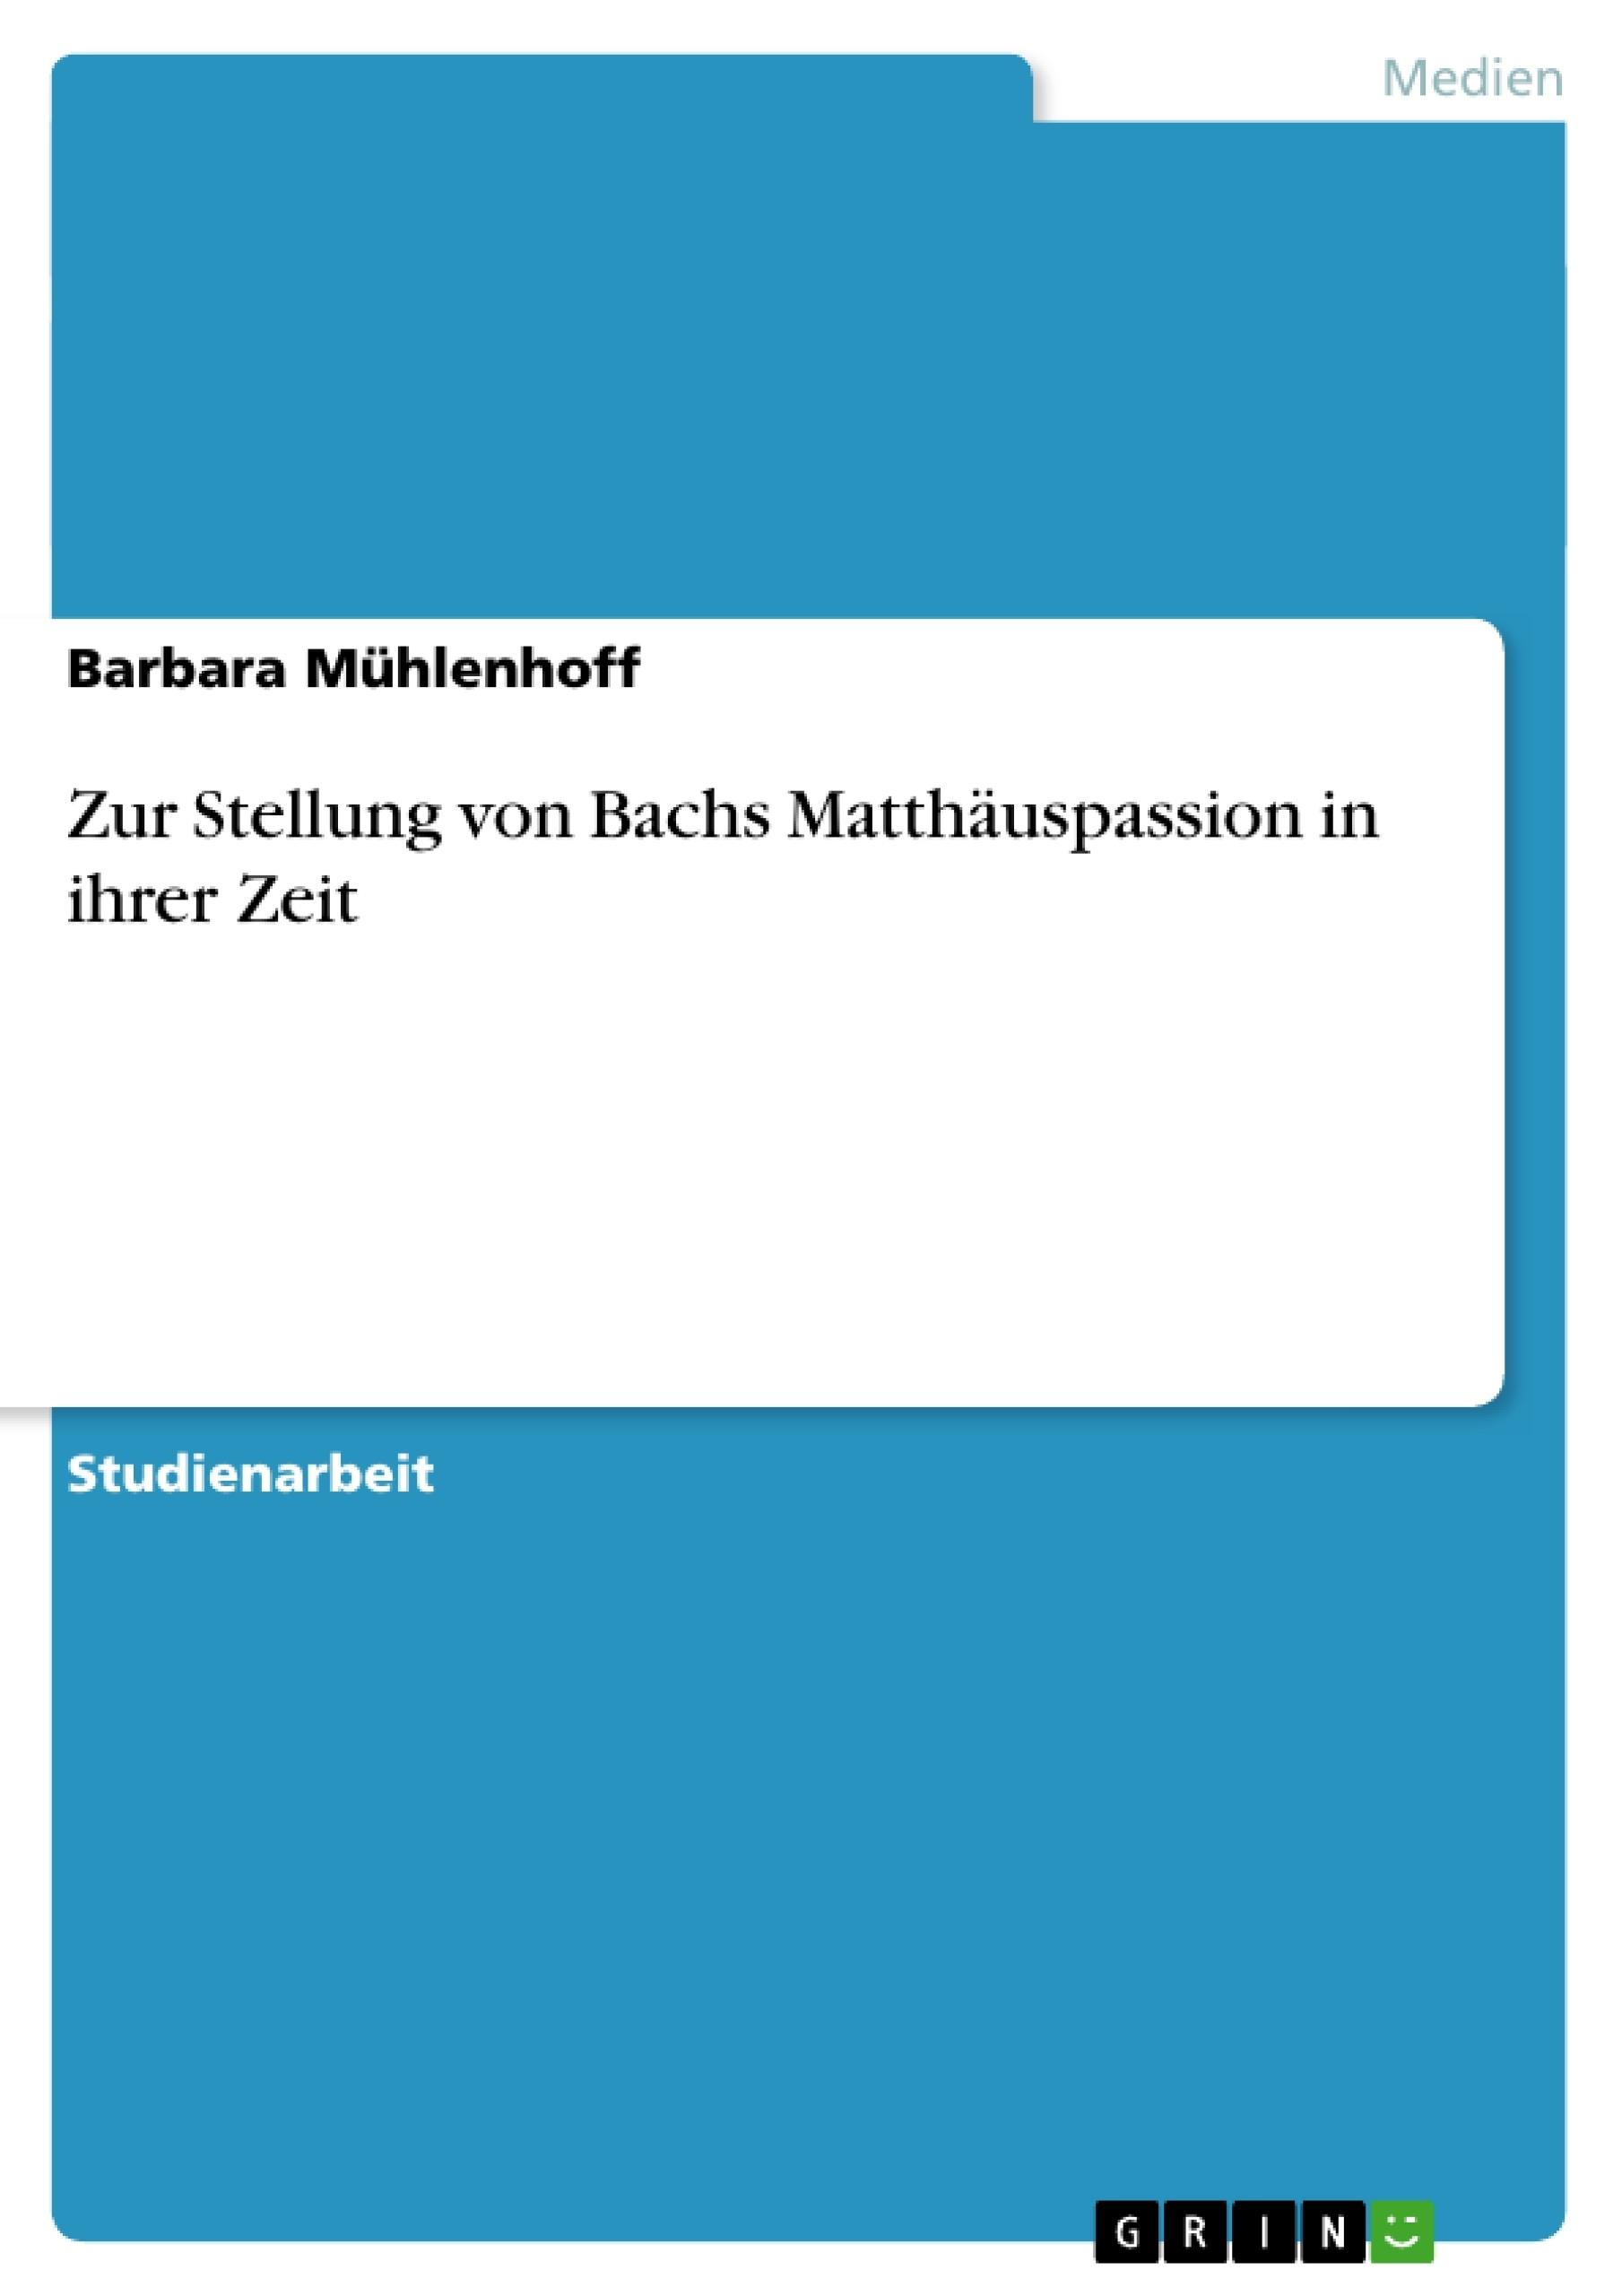 Titel: Zur Stellung von Bachs Matthäuspassion in ihrer Zeit